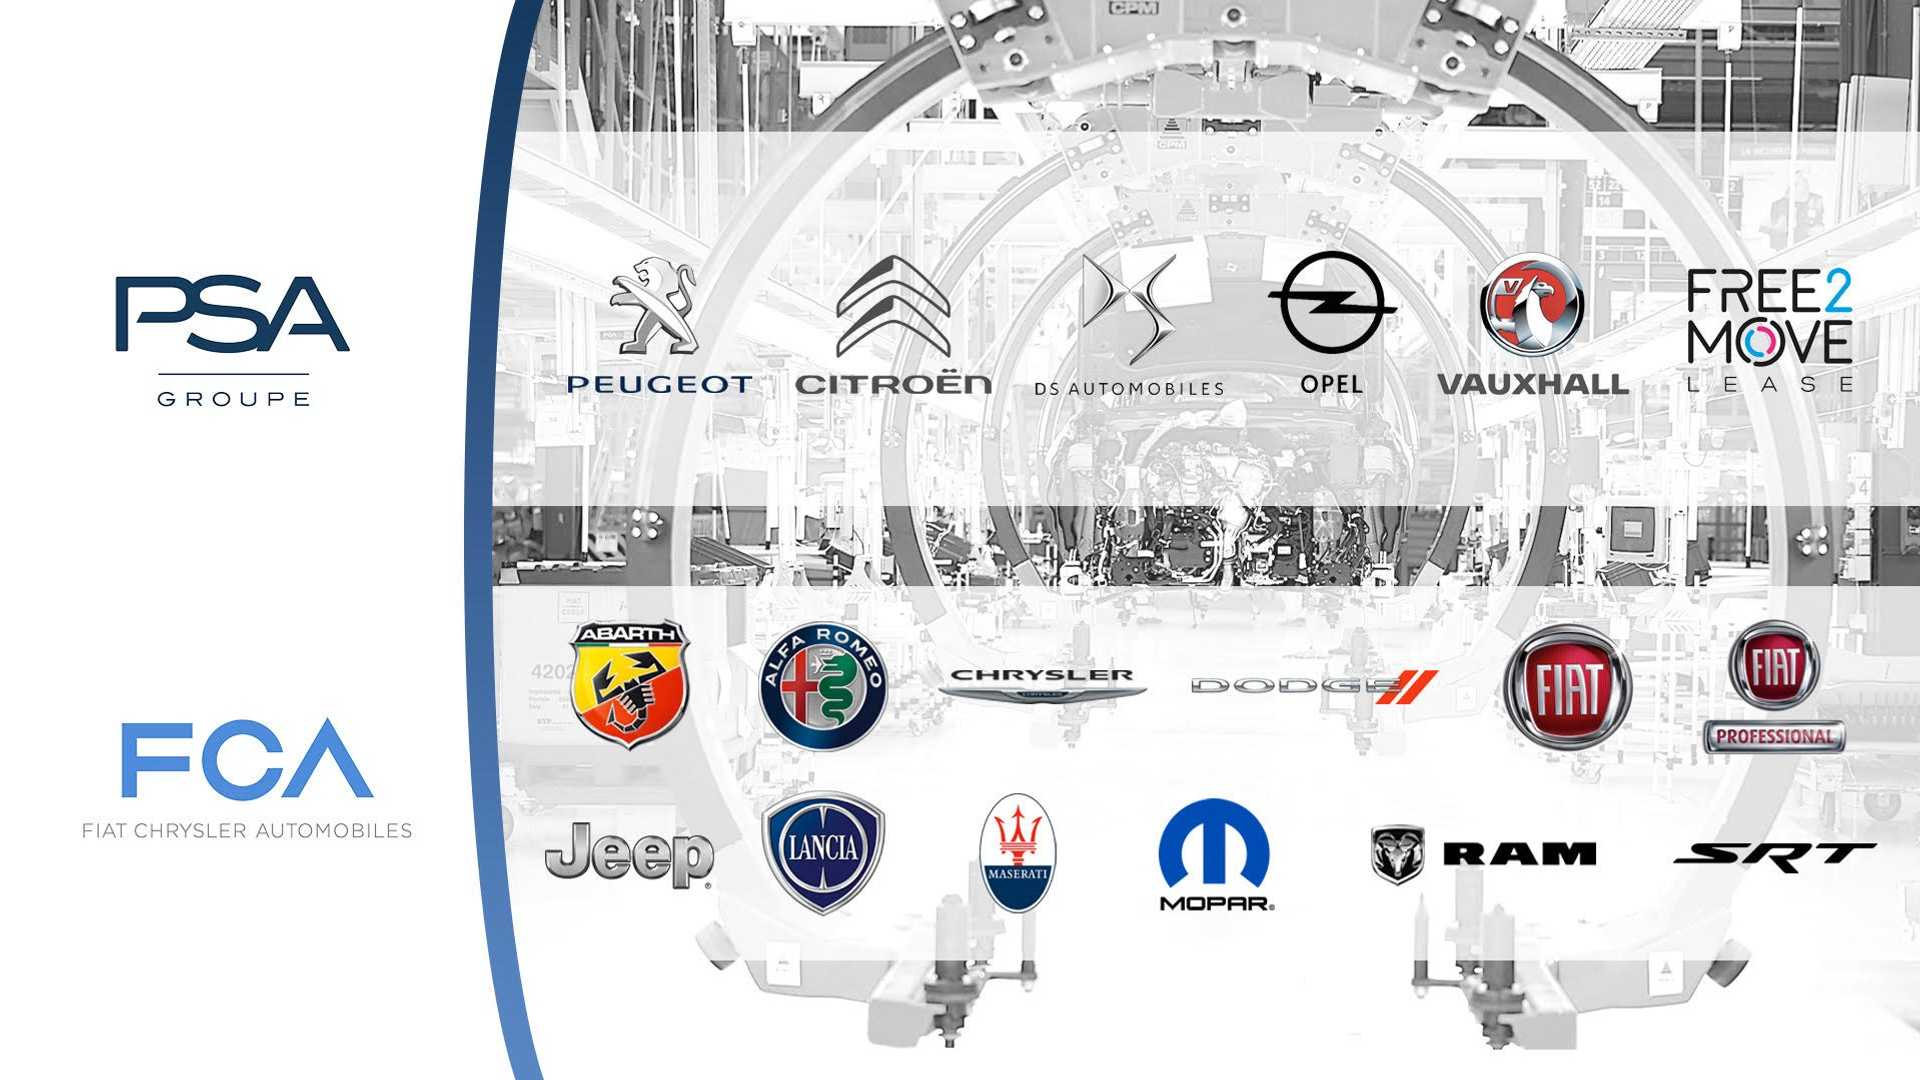 Концерны PSA и FCA сохранят все 13 брендов